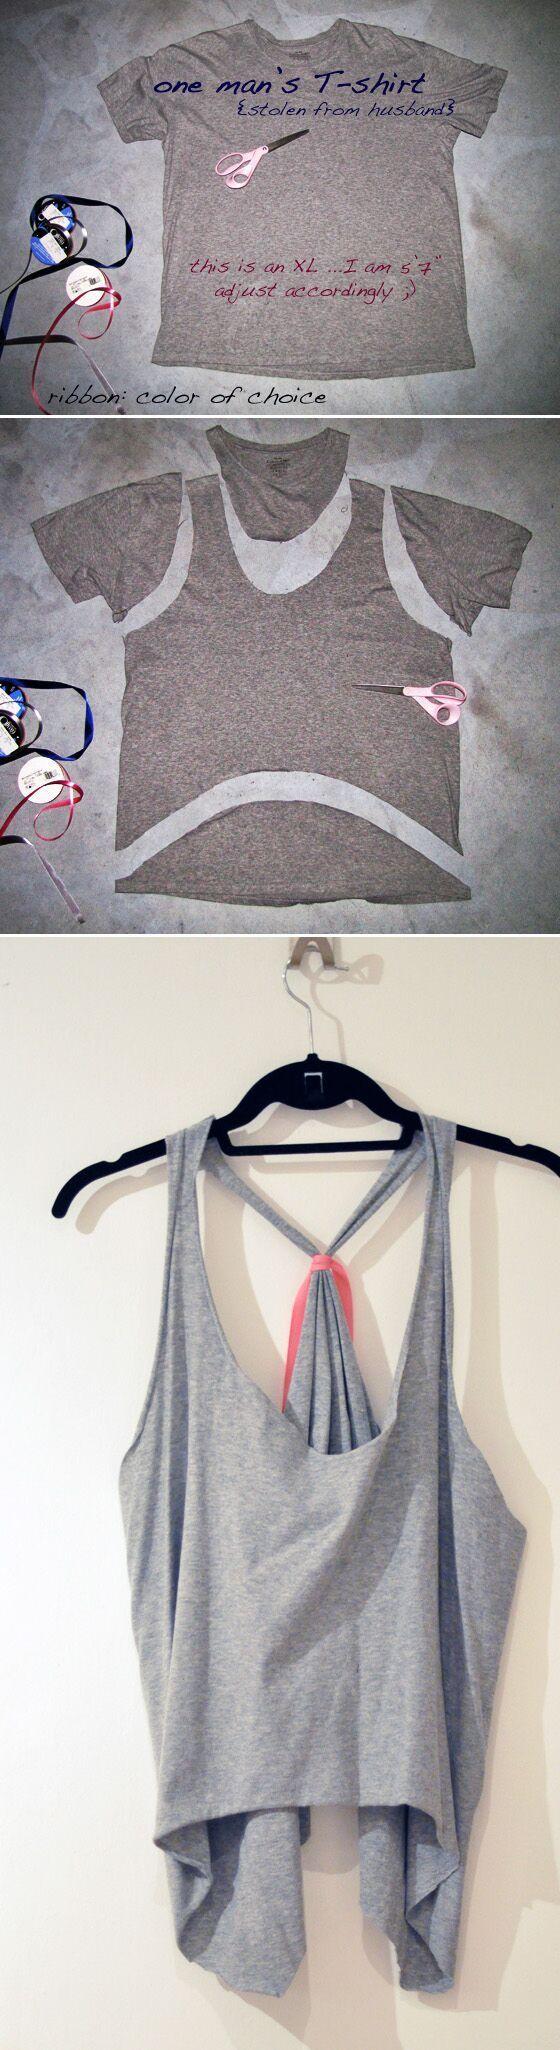 40 einfache keine Nähen DIY Kleidung Hacks, Designs und Ideen - Luisa Pi Sa #nosewshirts